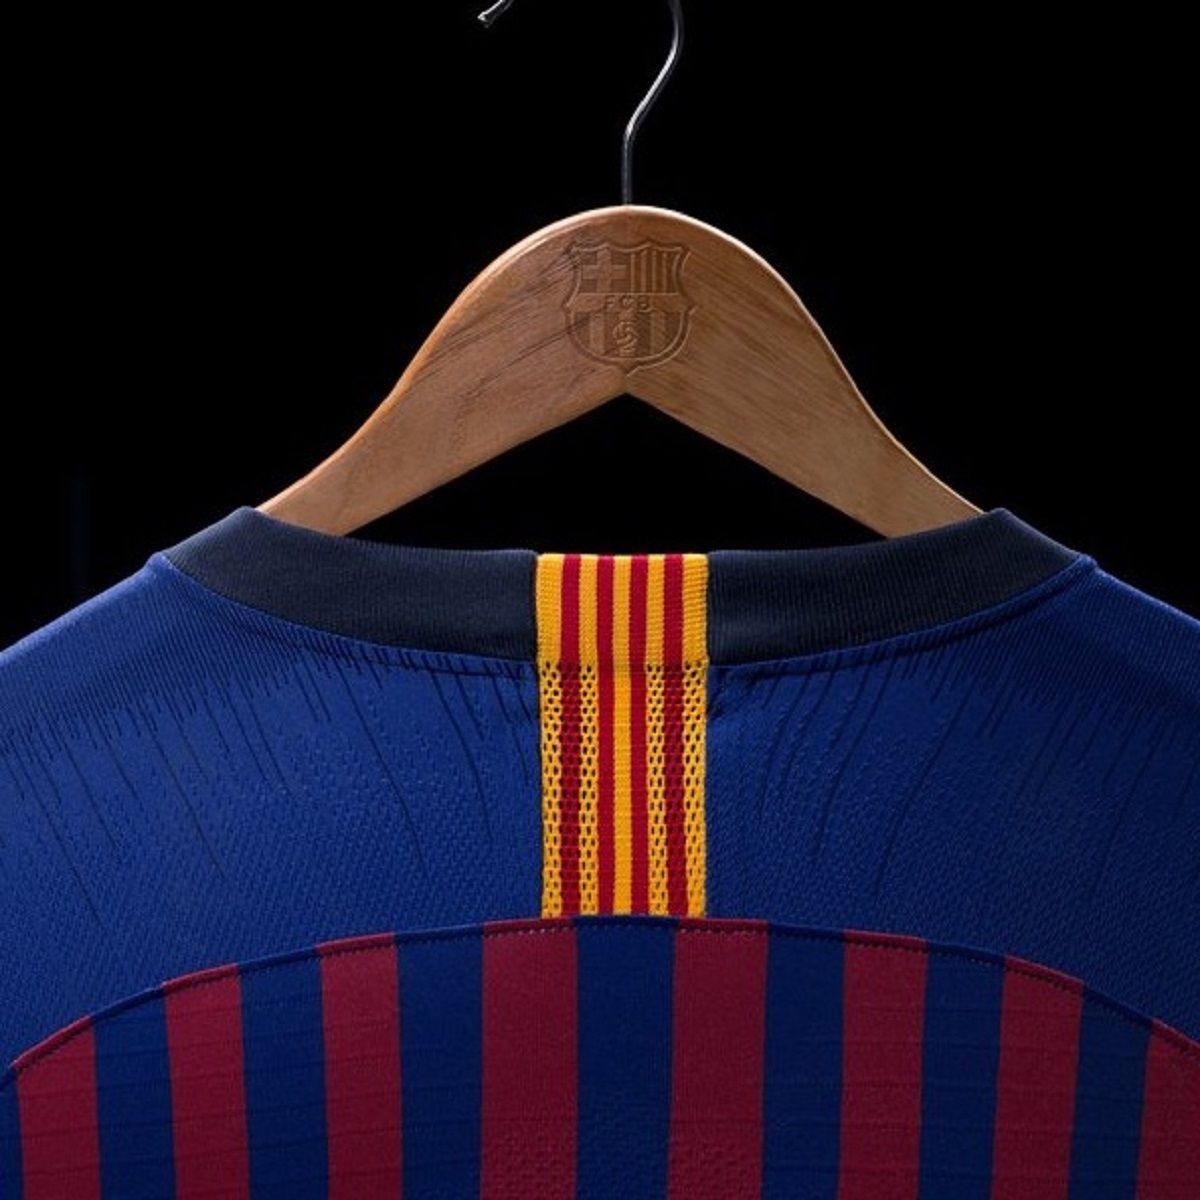 La camiseta de Barcelona para la temporada 2018/2019 - Crédito:@FCBarcelona_es